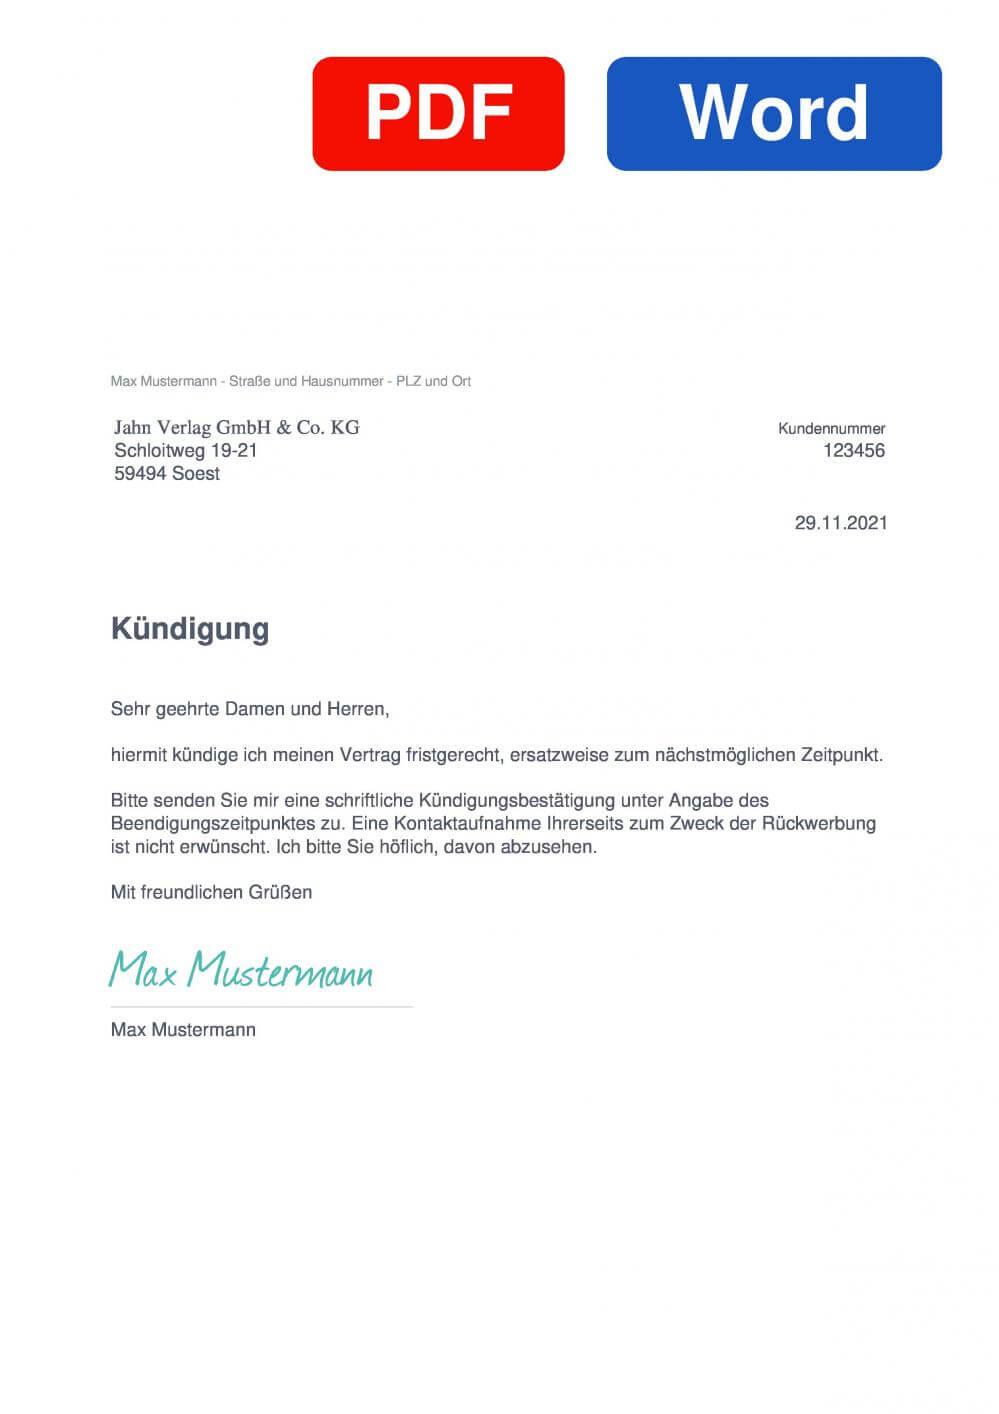 Soester Anzeiger Muster Vorlage für Kündigungsschreiben